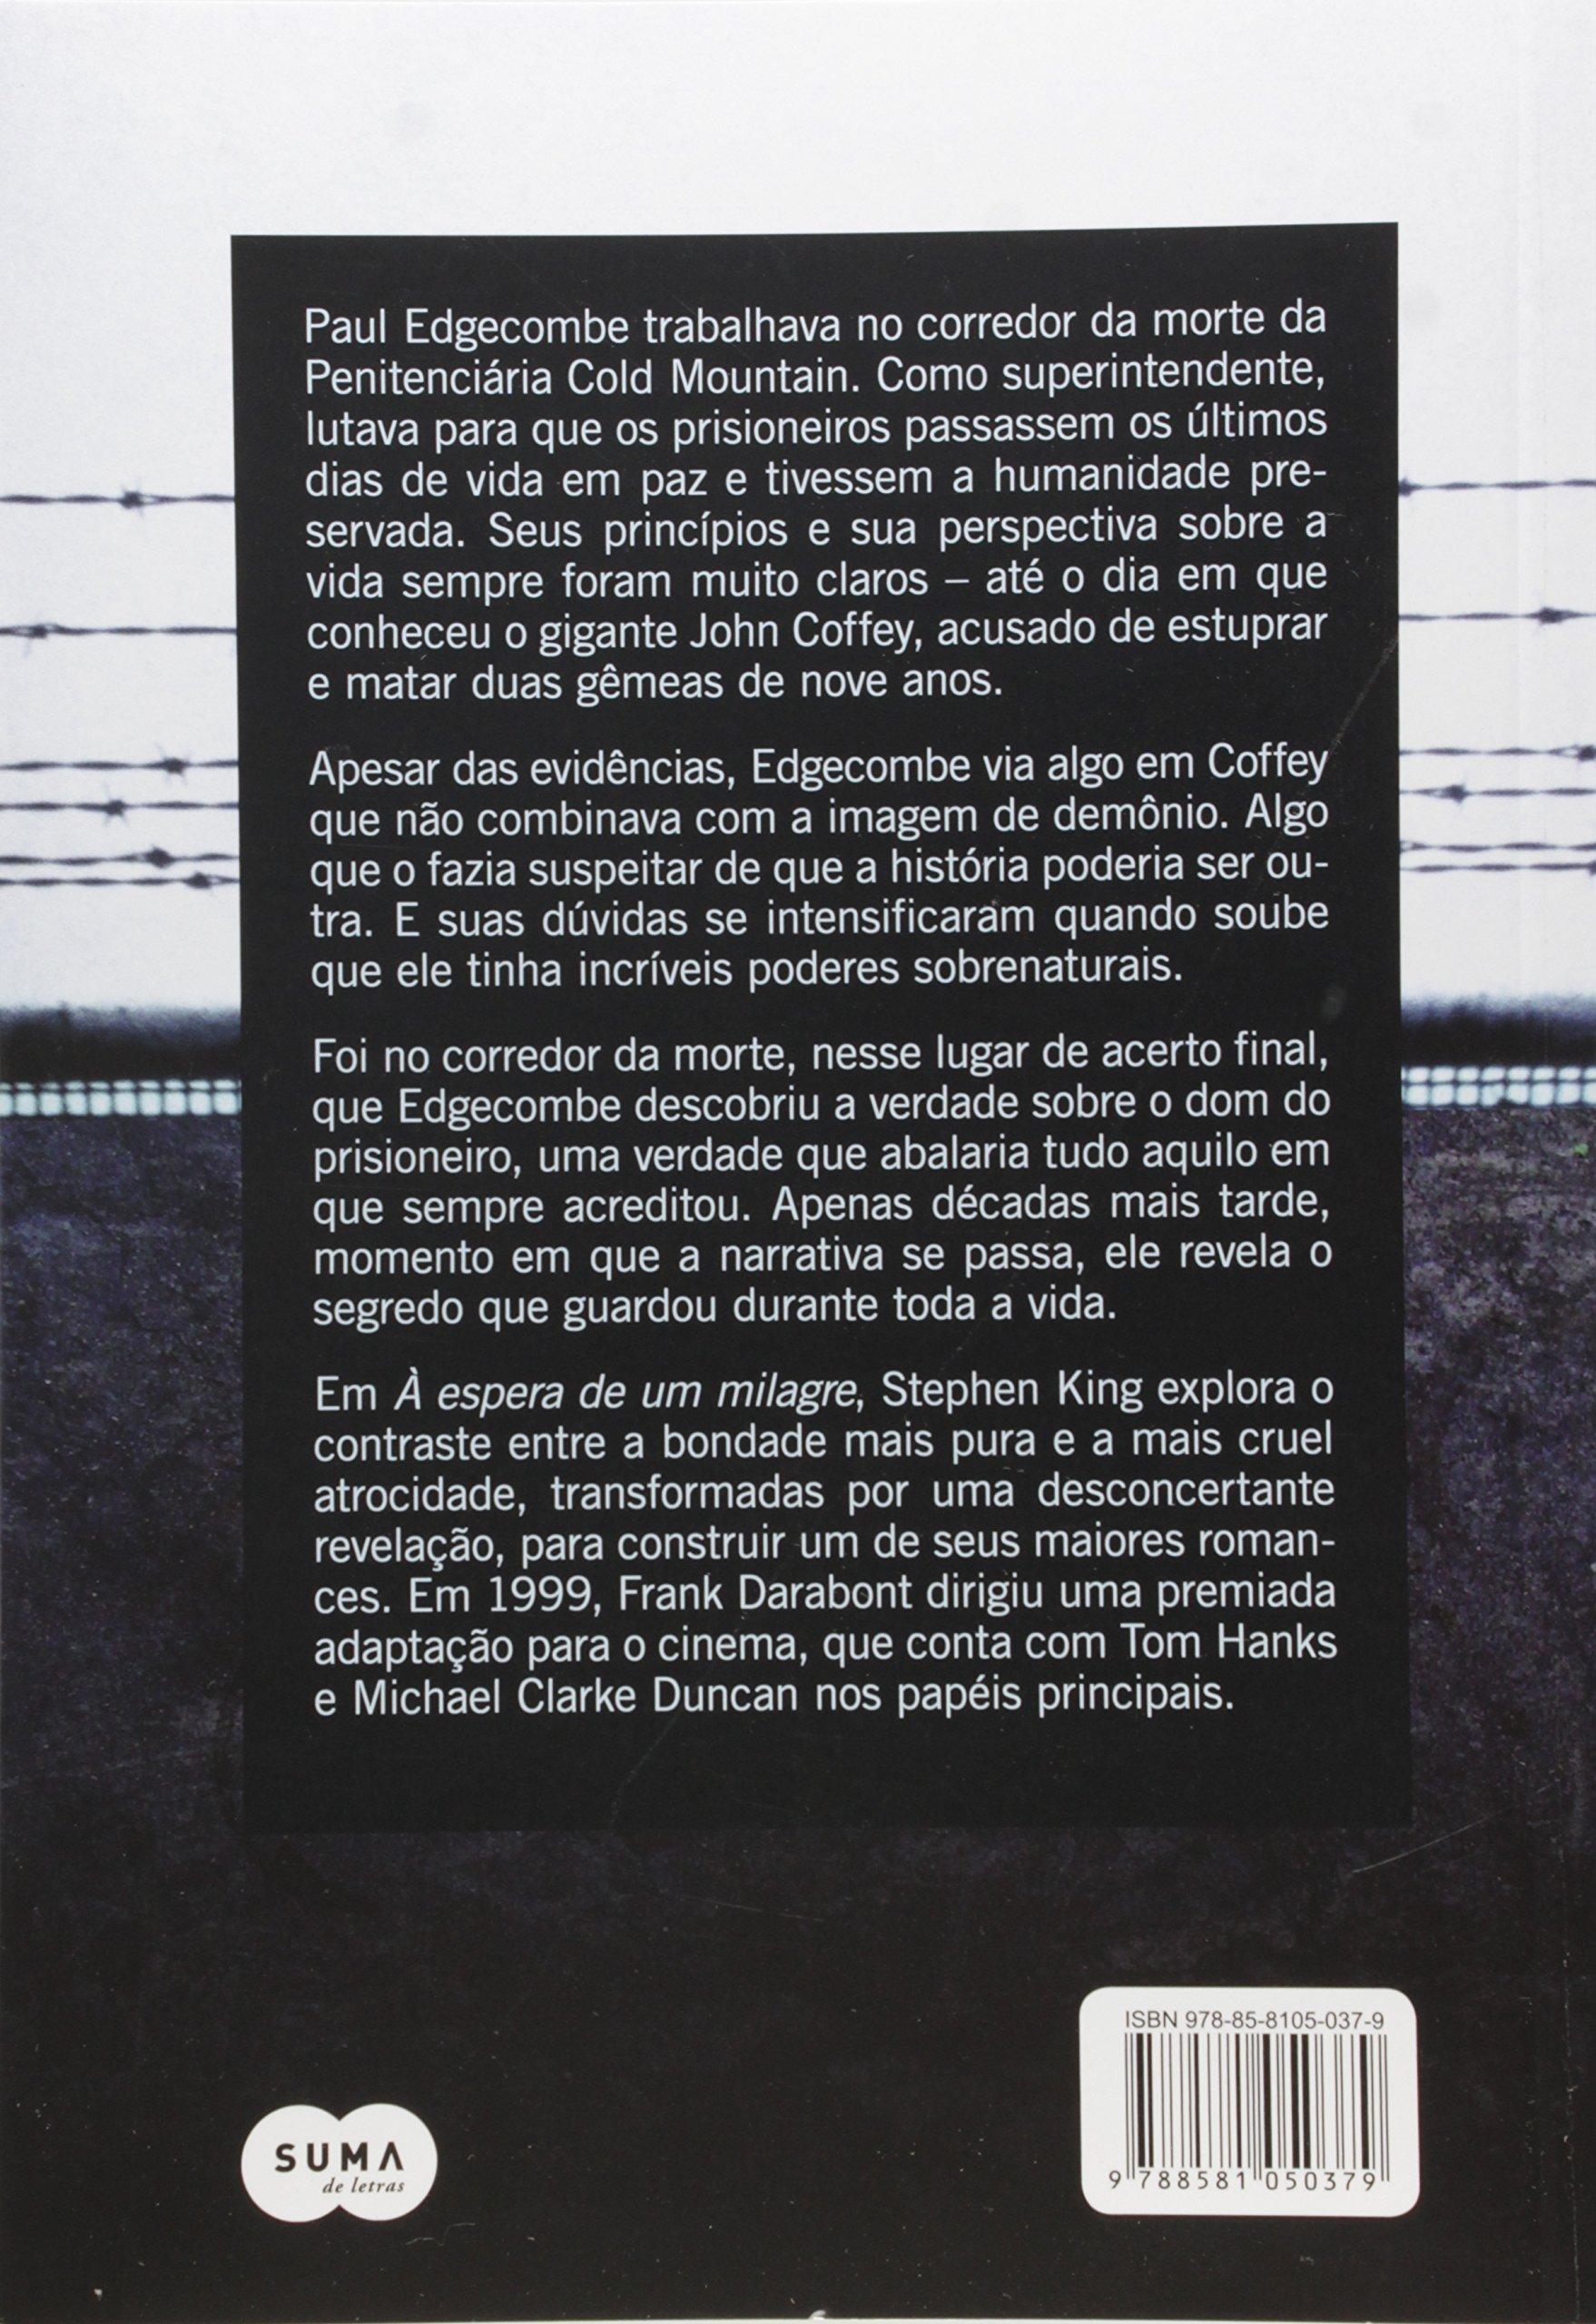 à Espera De Um Milagre 9788581050379 Livros Na Amazon Brasil